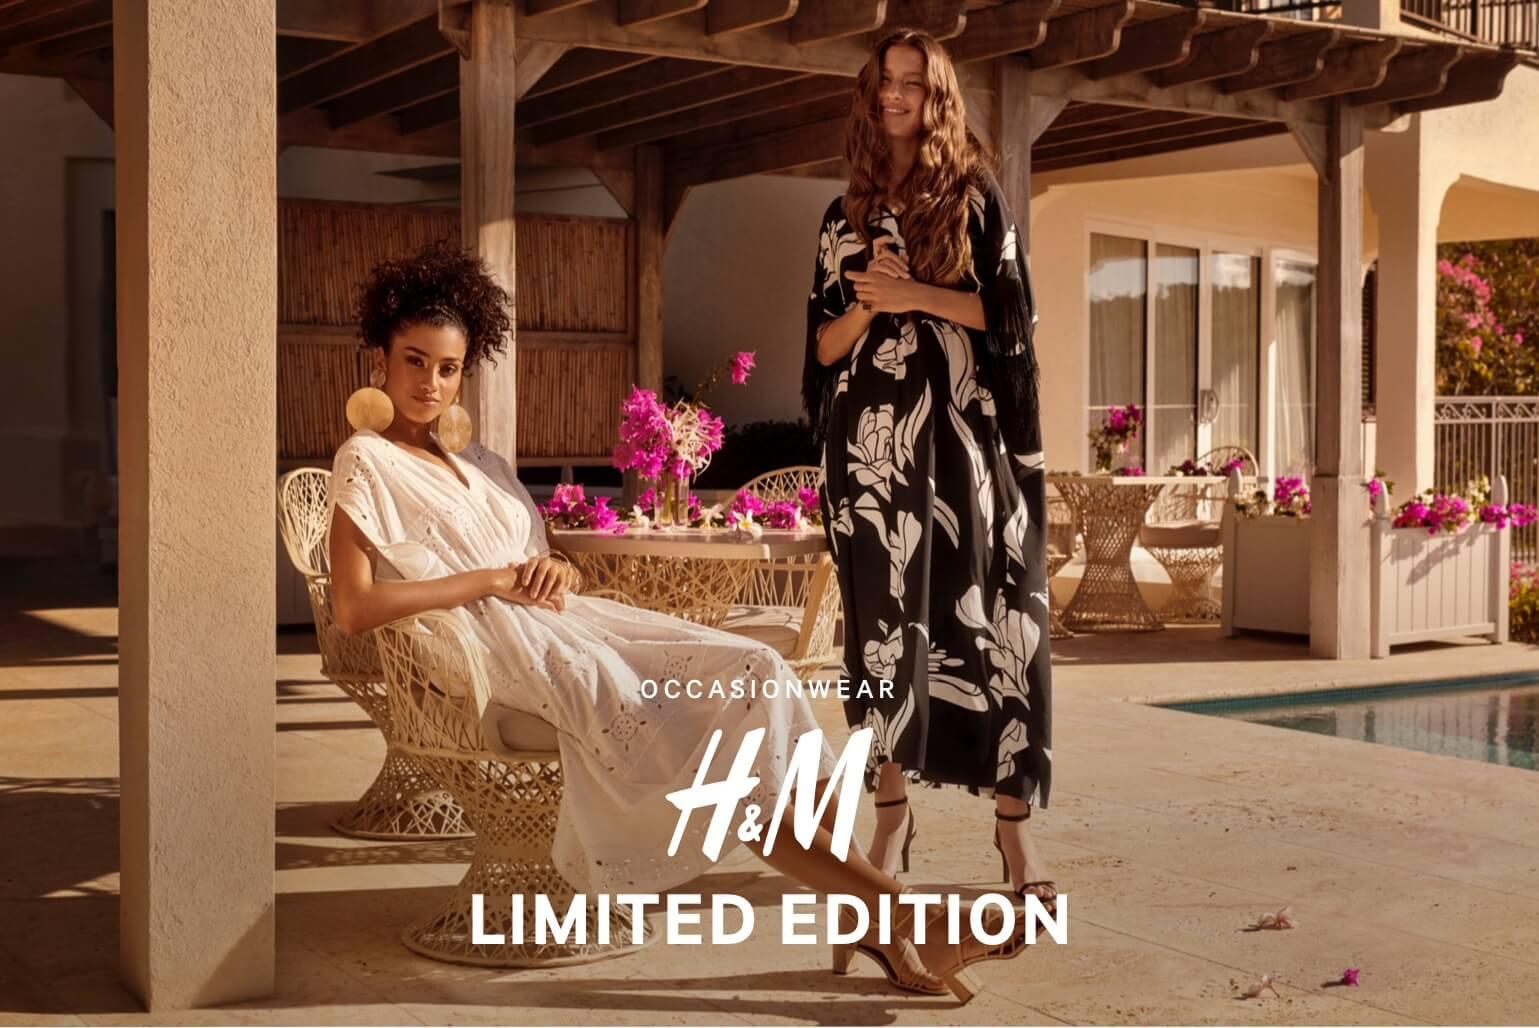 mua sắm thông minh mùa cuối năm - bst phiên bản giới hạn h&m